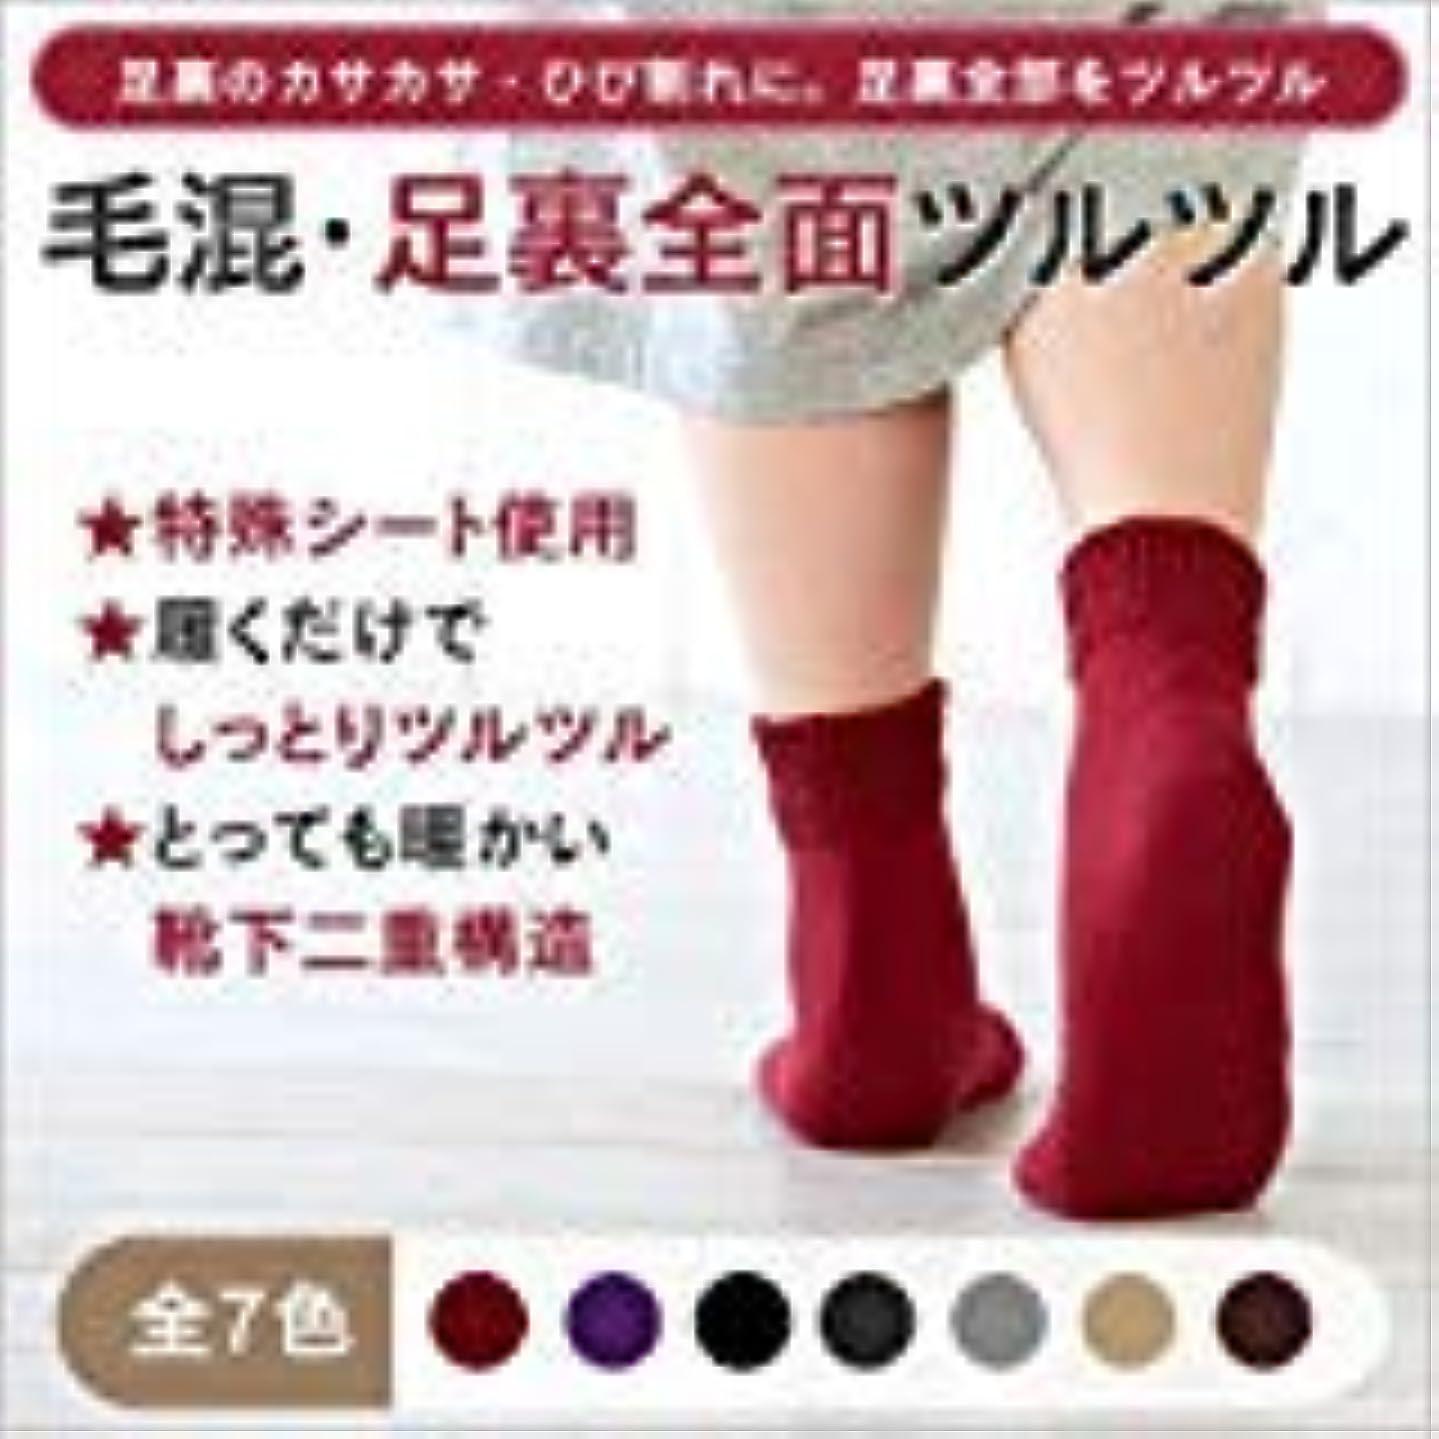 神話食べるなので足裏 全面 ツルツル 保湿 靴下 角質ケア ひび割れ 対策 ホワイト 23-25cm 太陽ニット 720